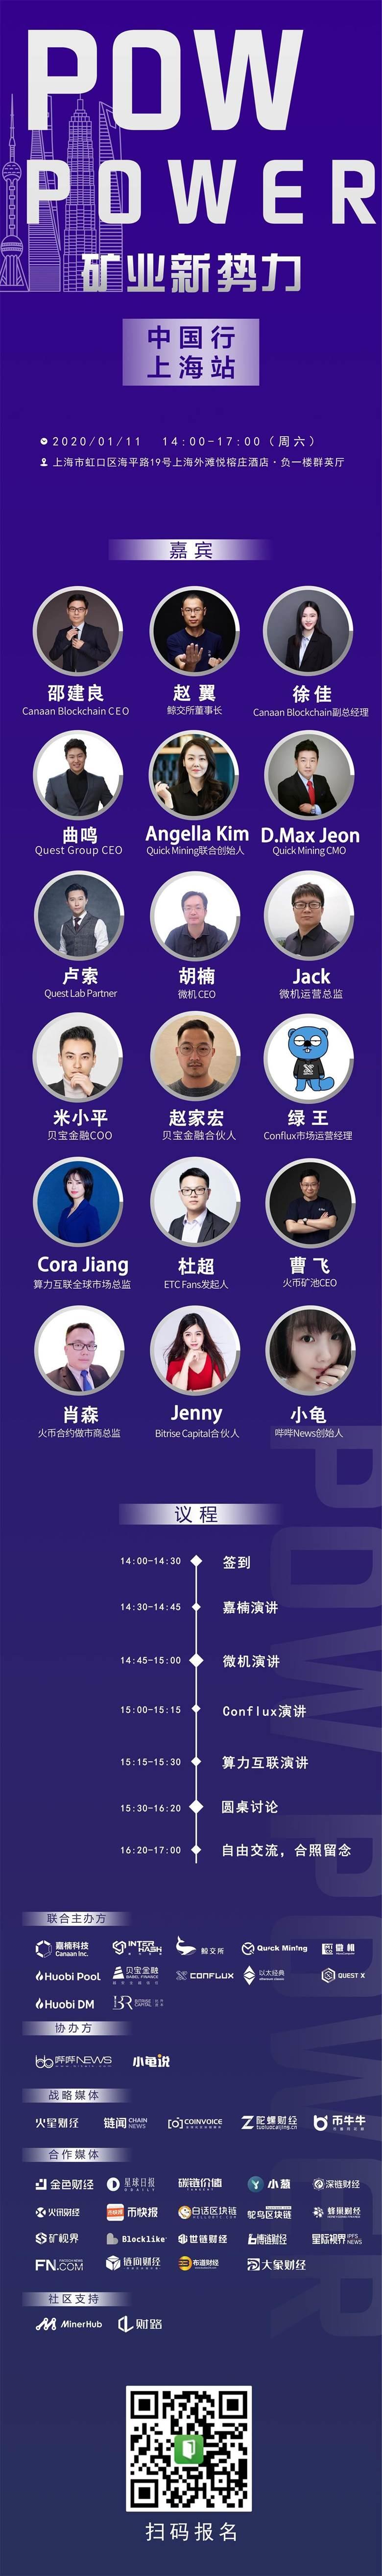 上海长海报.jpg